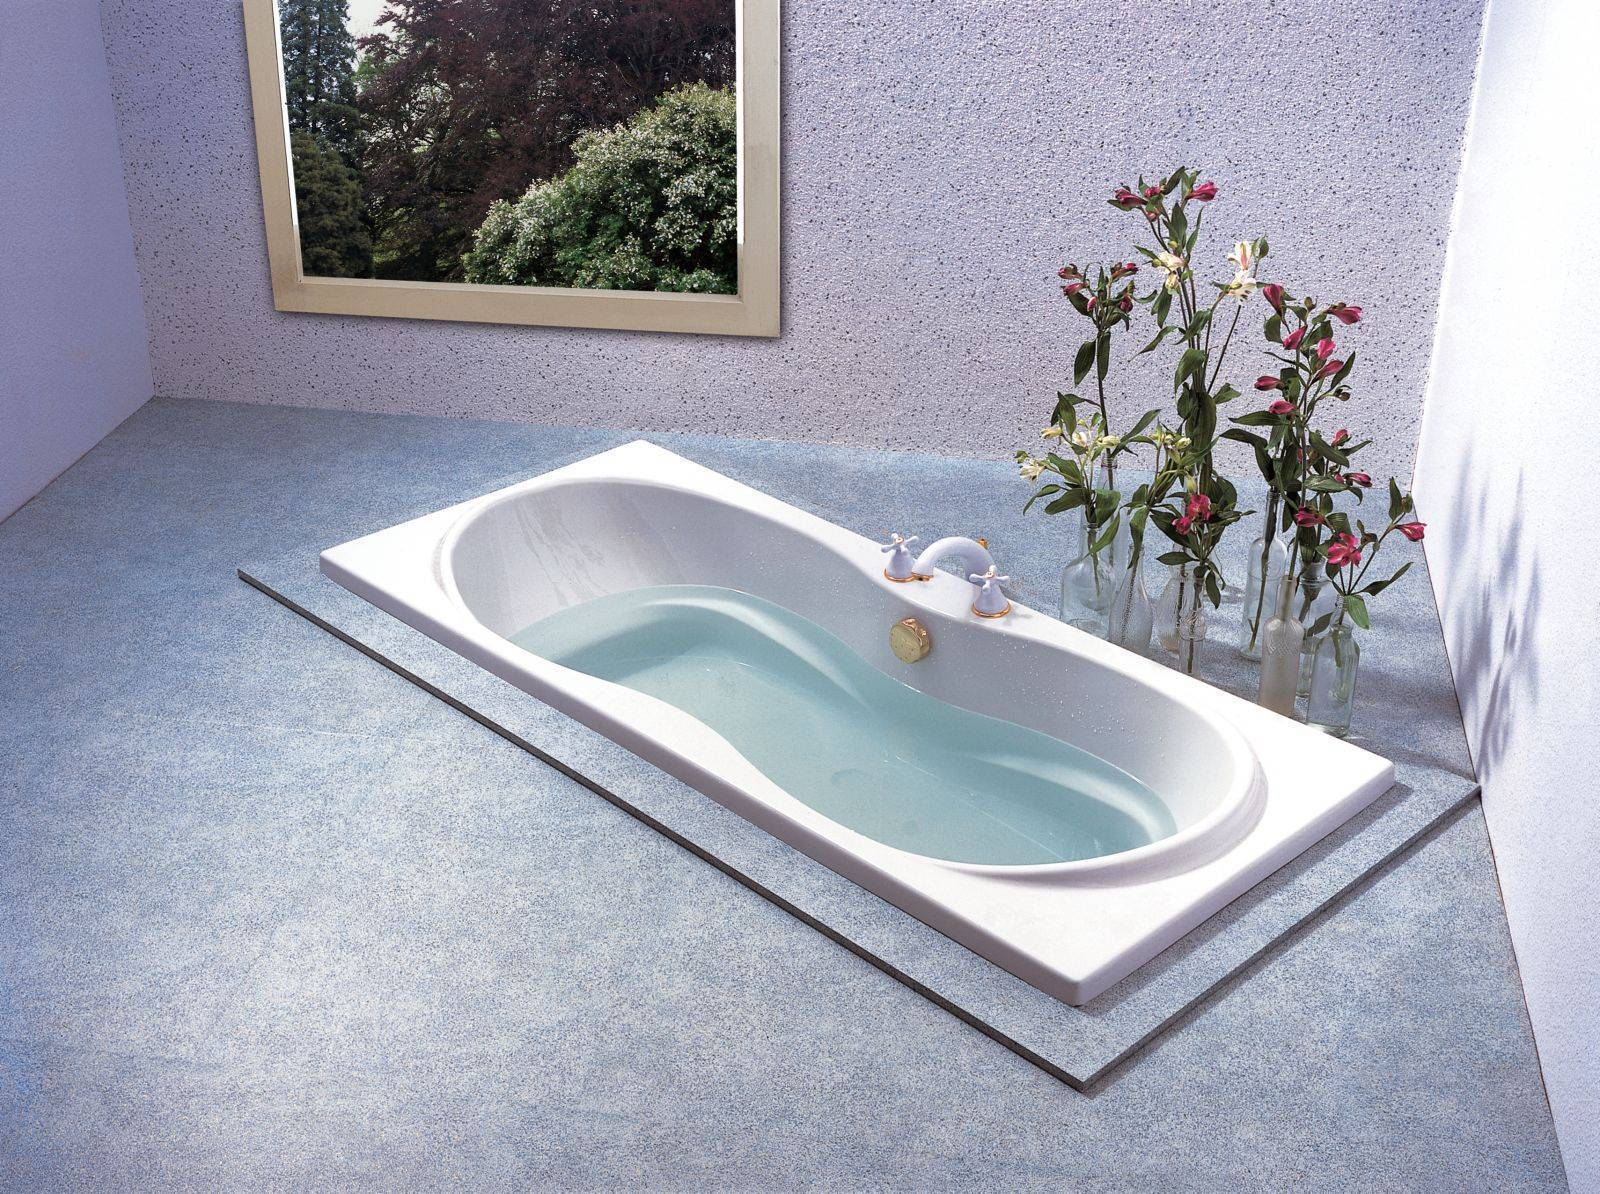 Как выбрать гидромассажную ванну правильно